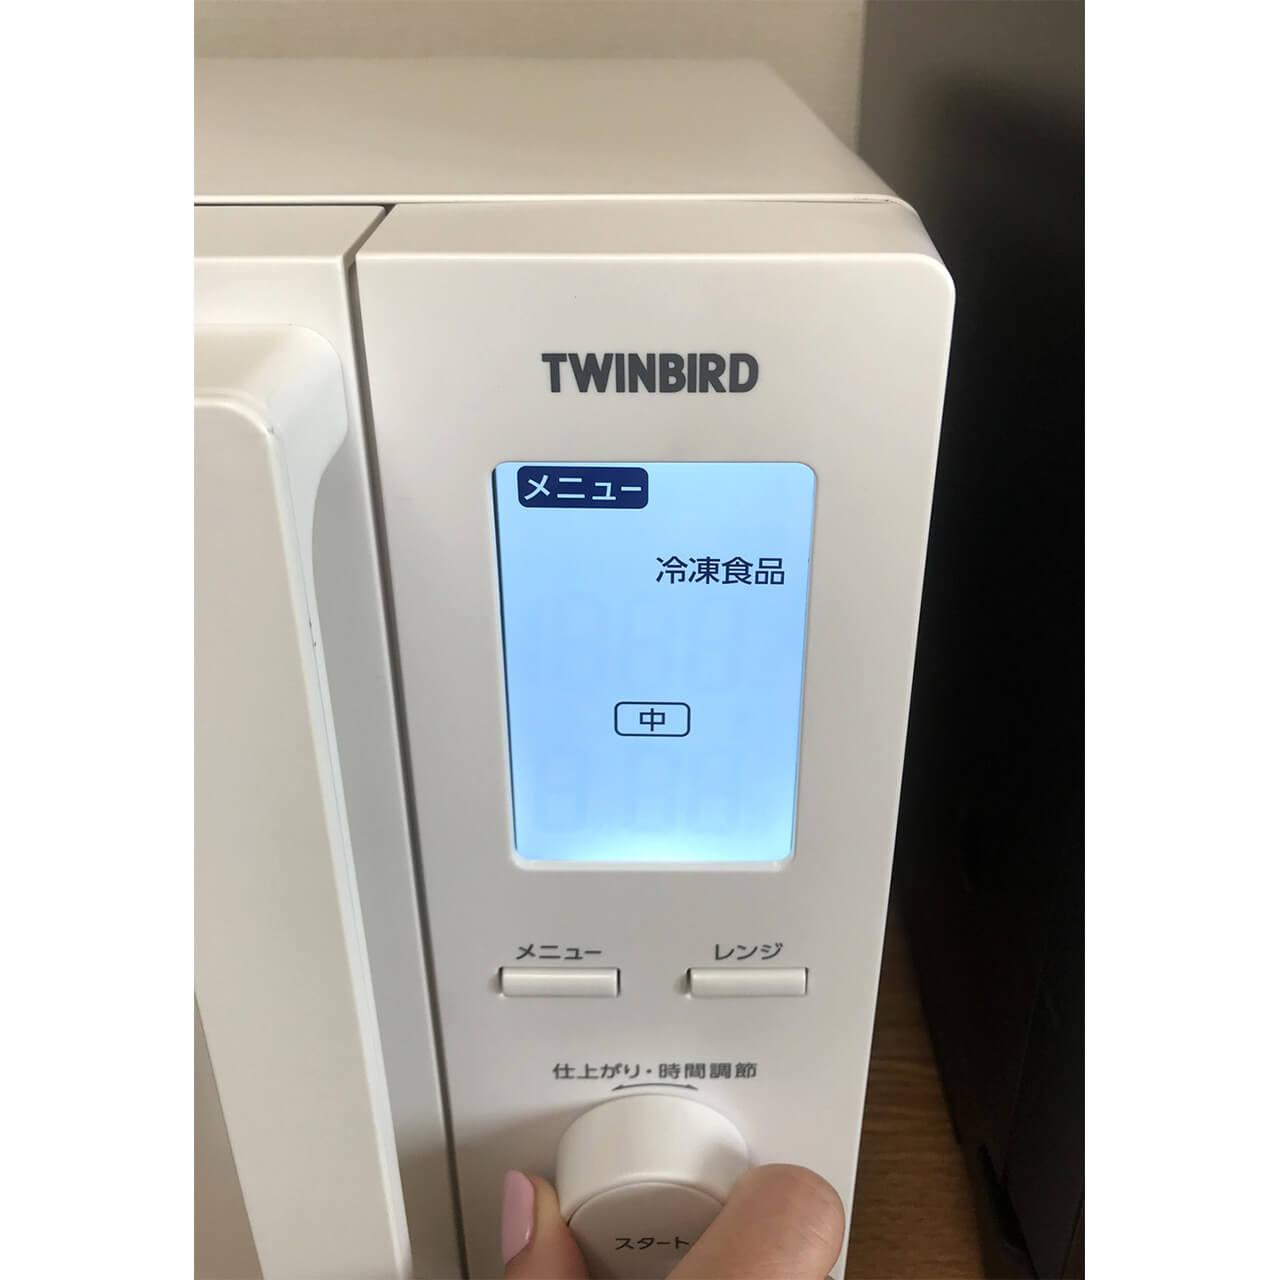 「メニュー」ボタンで「冷凍食品」を選び、ダイヤルで仕上がり具合を選んでスタートボタンを押します